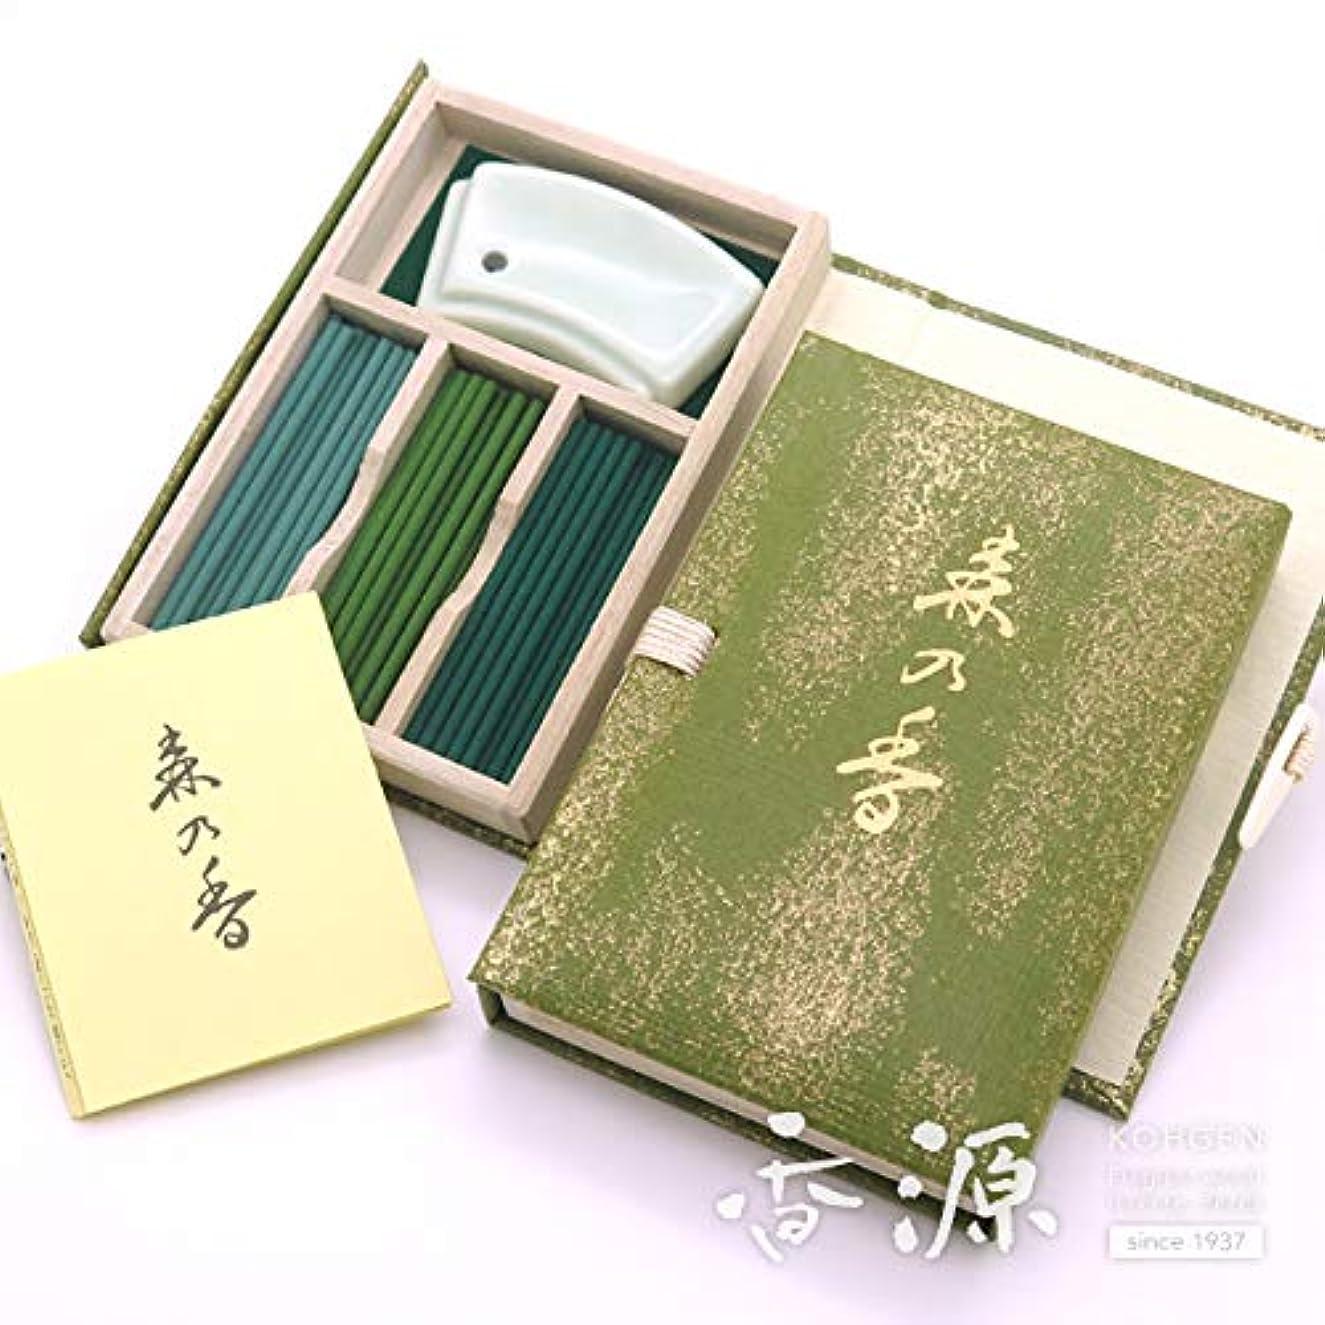 綺麗な黒どう?日本香堂のお香 森の香 スティックミニ寸文庫型 60本入り